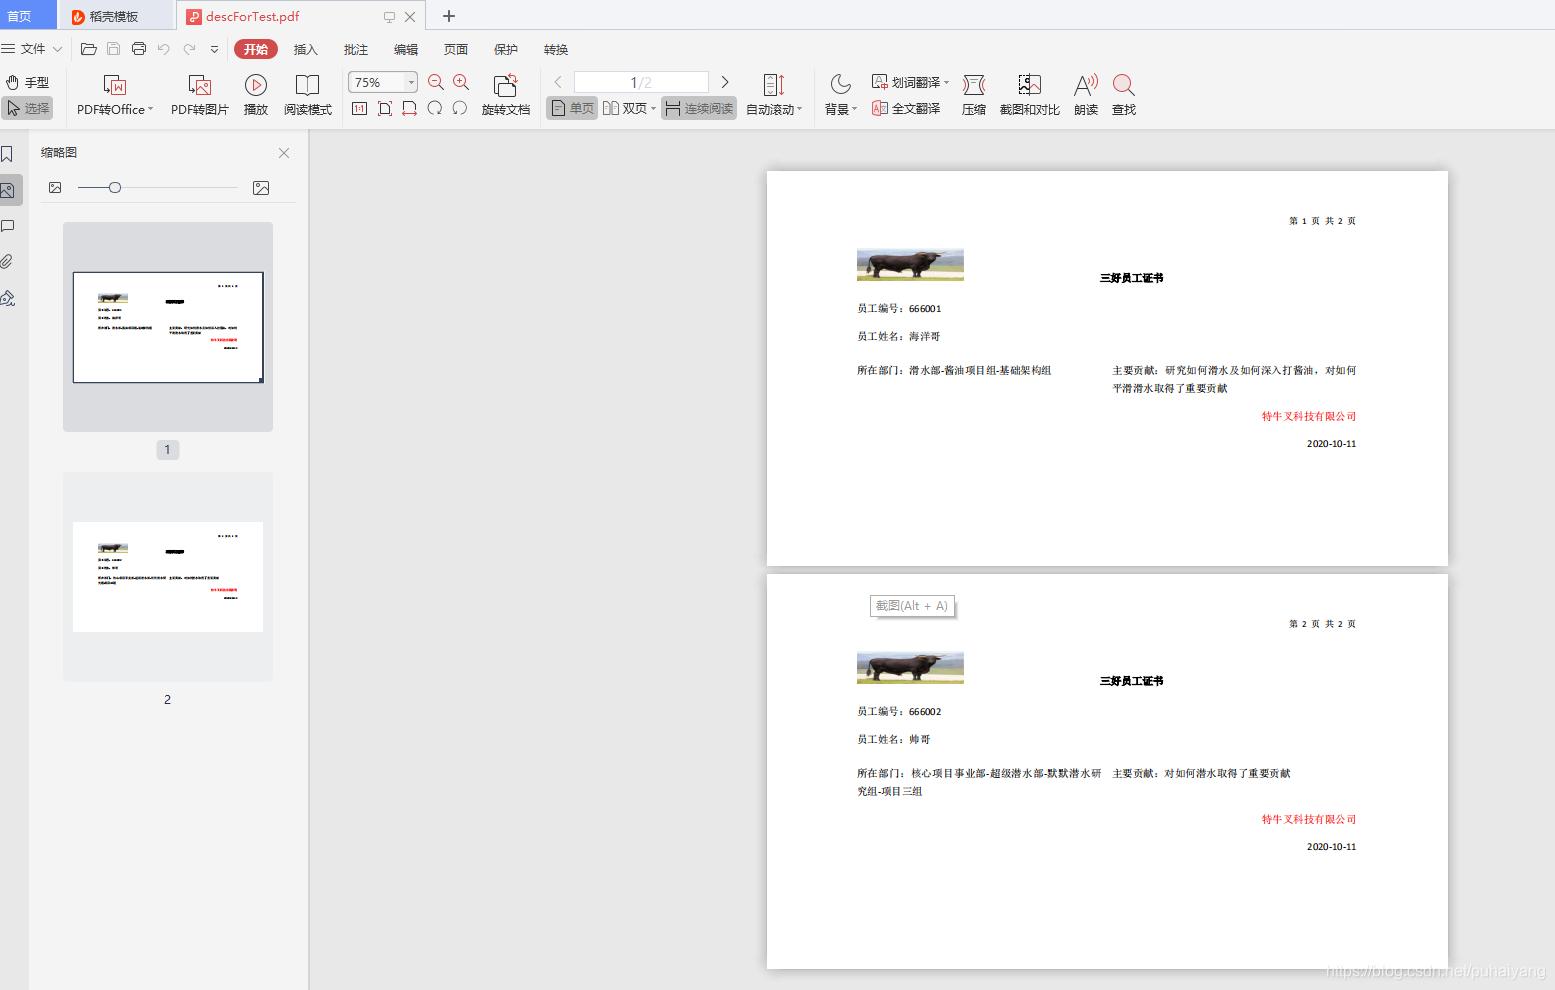 生成的pdf文件预览